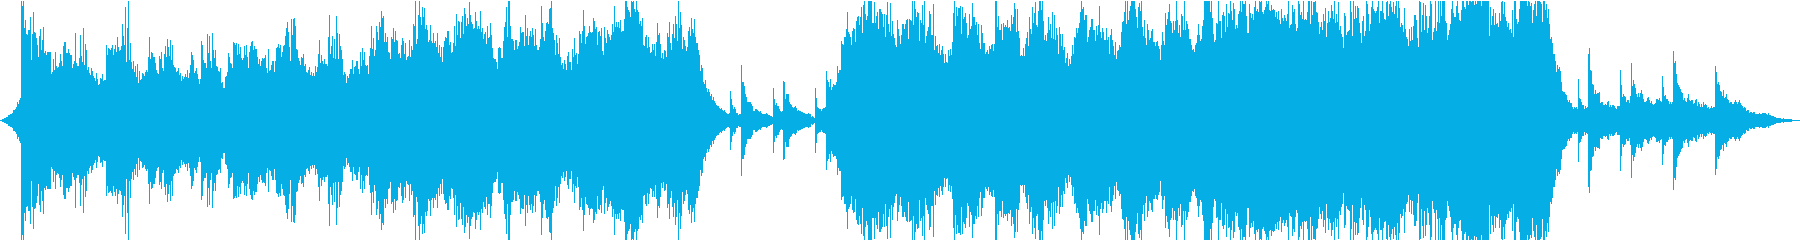 電気音響シンフォニー アンビエント...の再生済みの波形